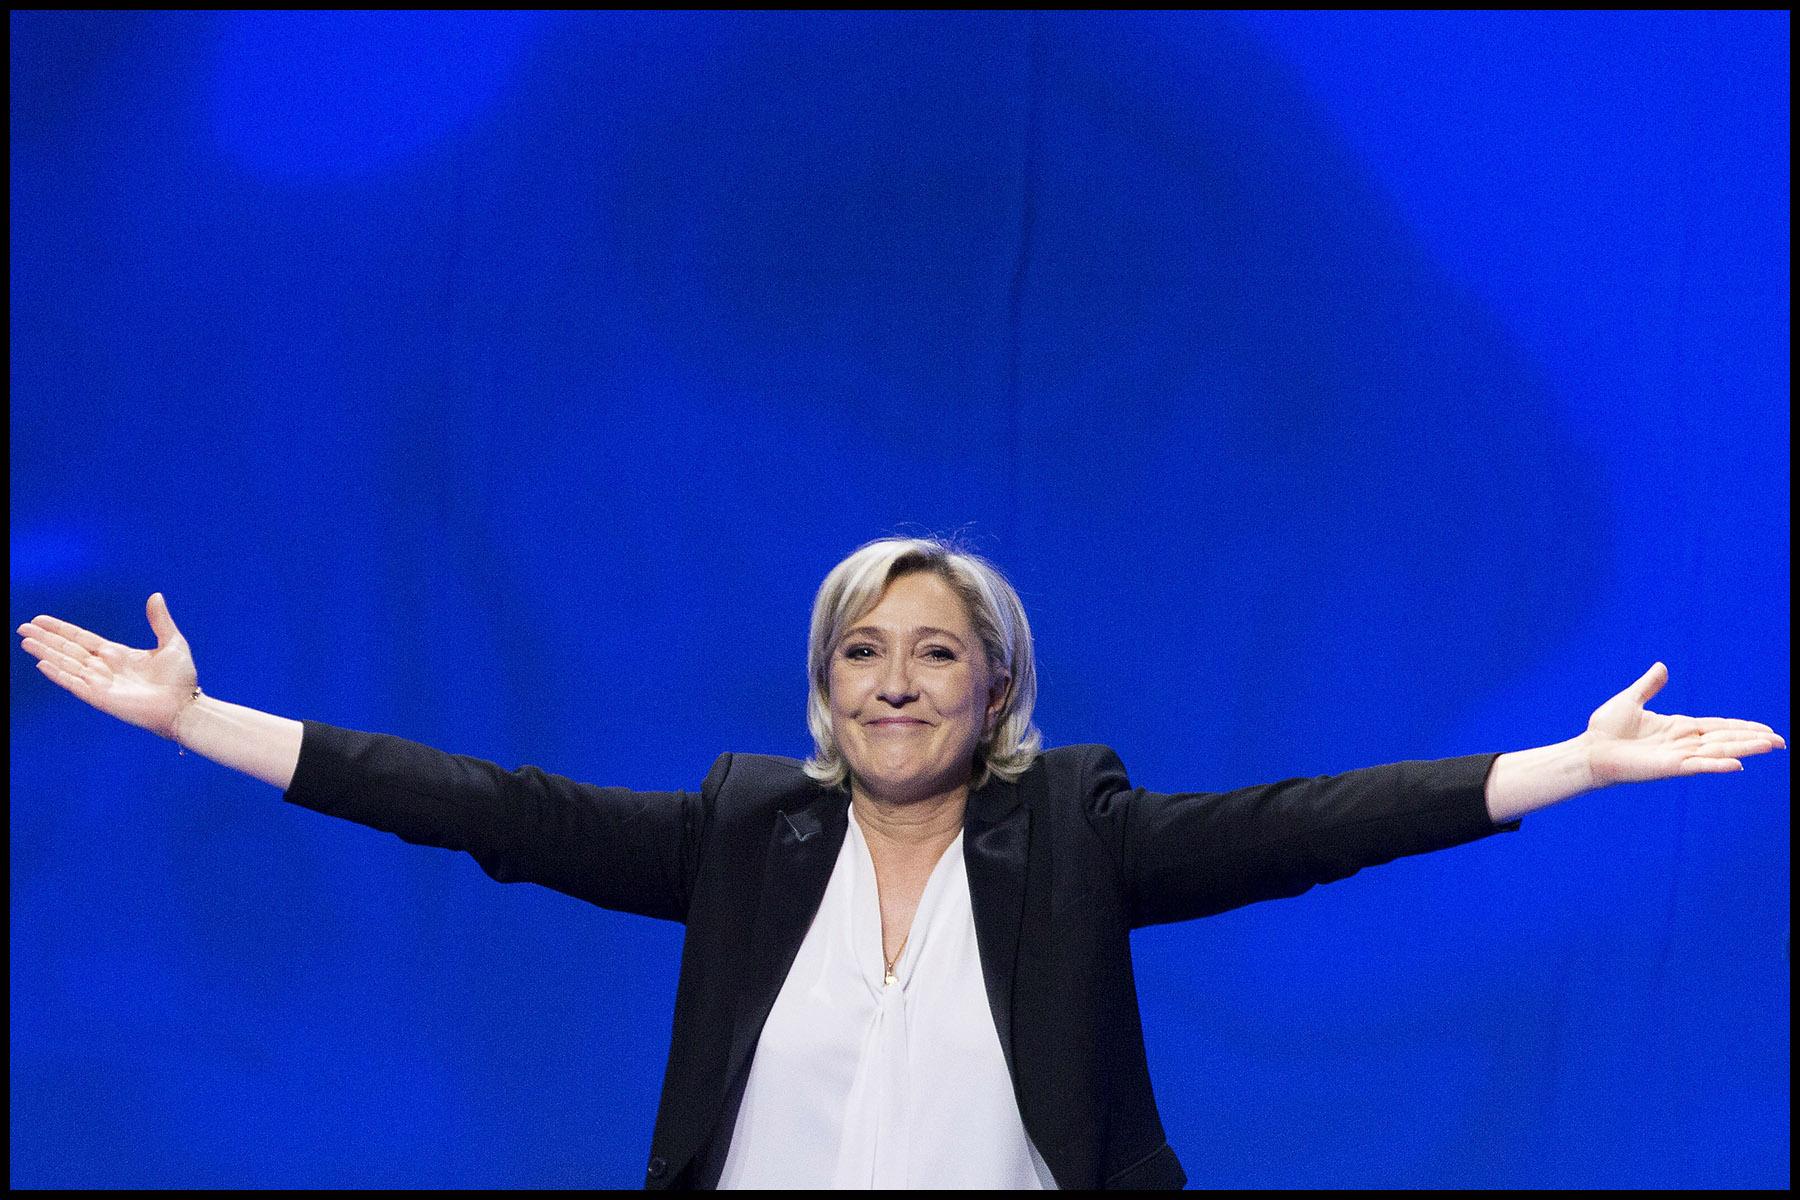 Meeting de campagne de Marine Le PEN, la candidate du Front National (FN)  pour l'élection présidentielle de 2017 à Nantes.